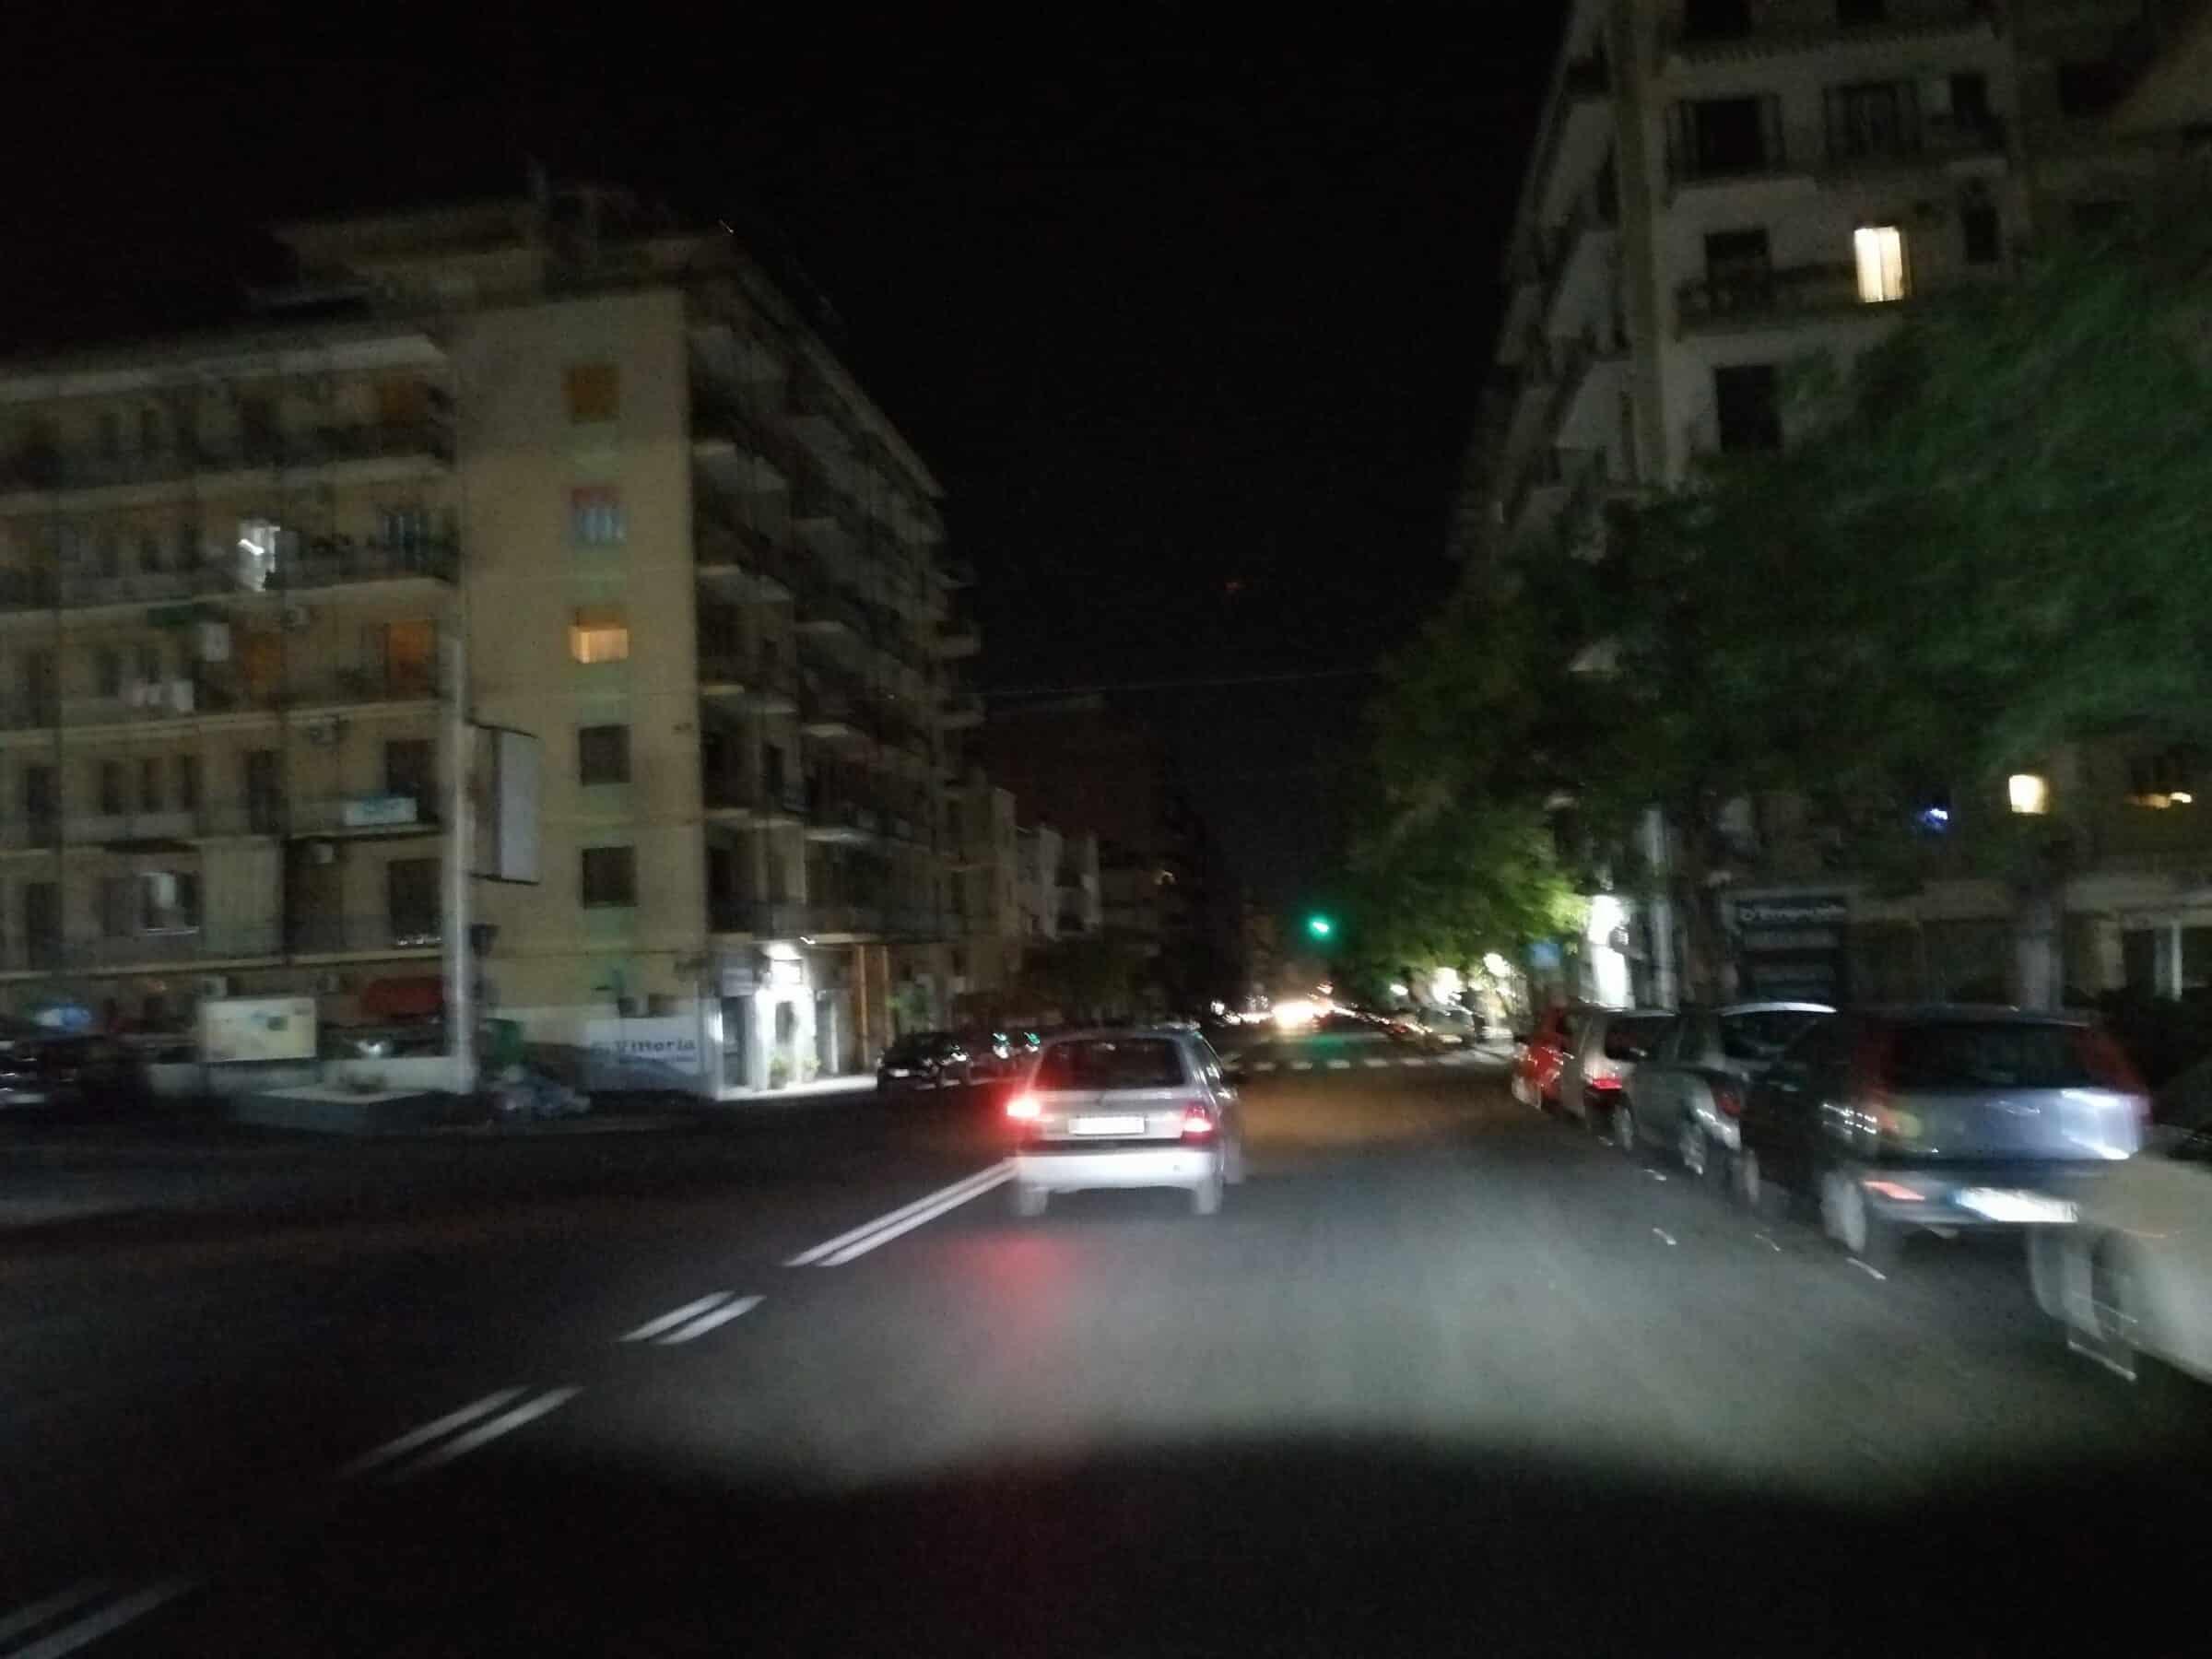 """Pericolo al viale Mario Rapisardi, strada totalmente al buio. Comitato Romolo Murri: """"Alto rischio incidenti"""""""